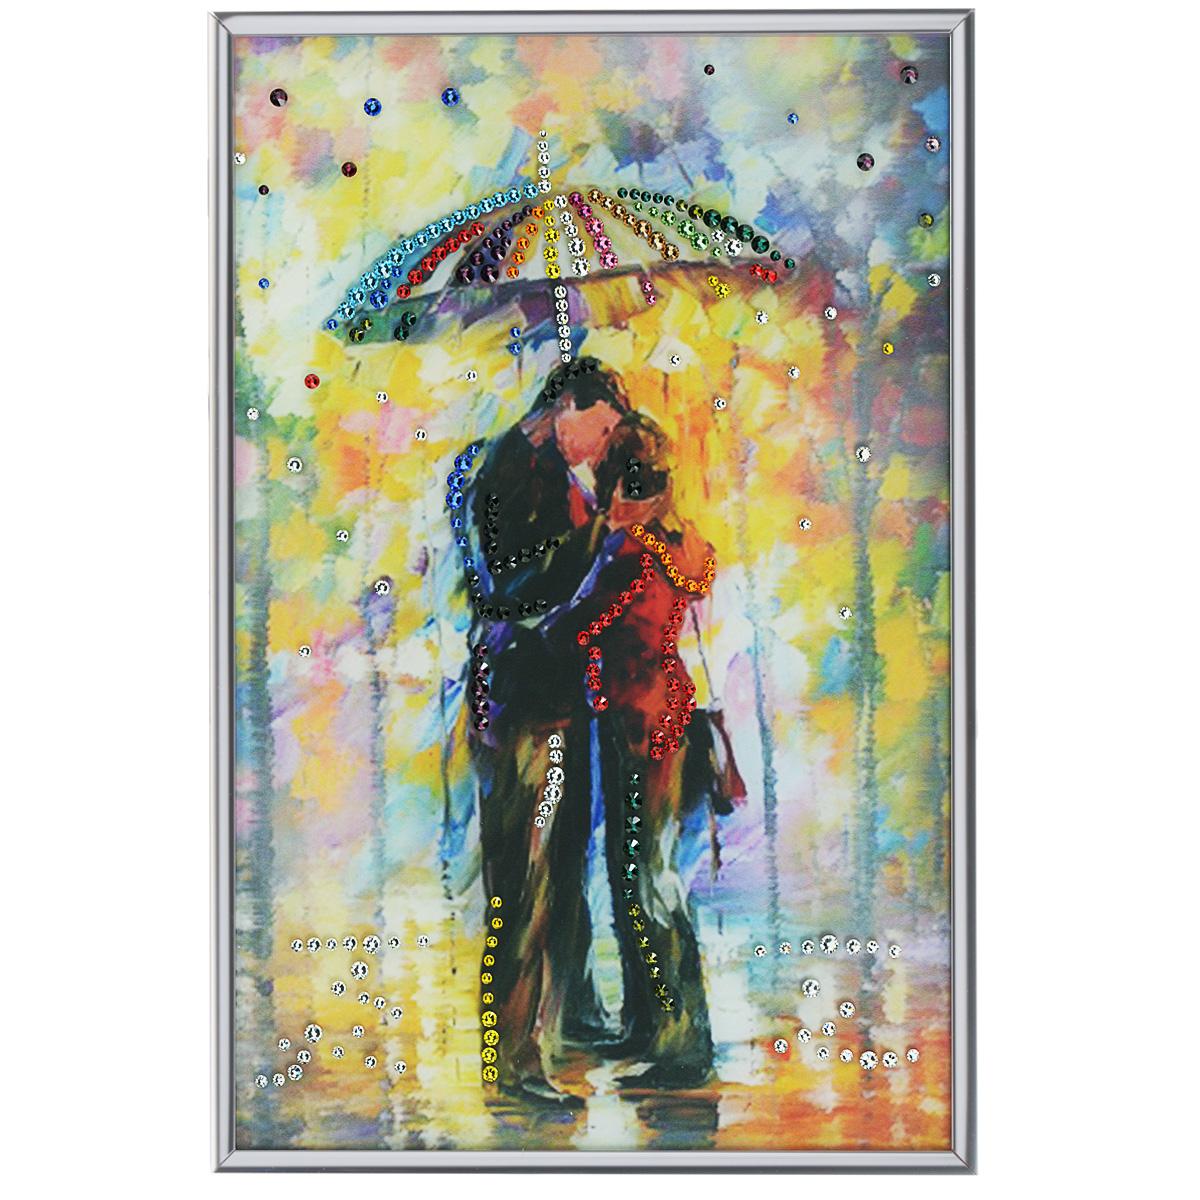 Картина с кристаллами Swarovski Под зонтом, 20 см х 30 смIDEA FL2-05Изящная картина в алюминиевой раме Под зонтом инкрустирована кристаллами Swarovski, которые отличаются четкой и ровной огранкой, ярким блеском и чистотой цвета. Идеально подобранная палитра кристаллов прекрасно дополняет картину. С задней стороны изделие оснащено специальной металлической петелькой для размещения на стене. Картина с кристаллами Swarovski элегантно украсит интерьер дома, а также станет прекрасным подарком, который обязательно понравится получателю. Блеск кристаллов в интерьере - что может быть сказочнее и удивительнее. Изделие упаковано в подарочную картонную коробку синего цвета и комплектуется сертификатом соответствия Swarovski.